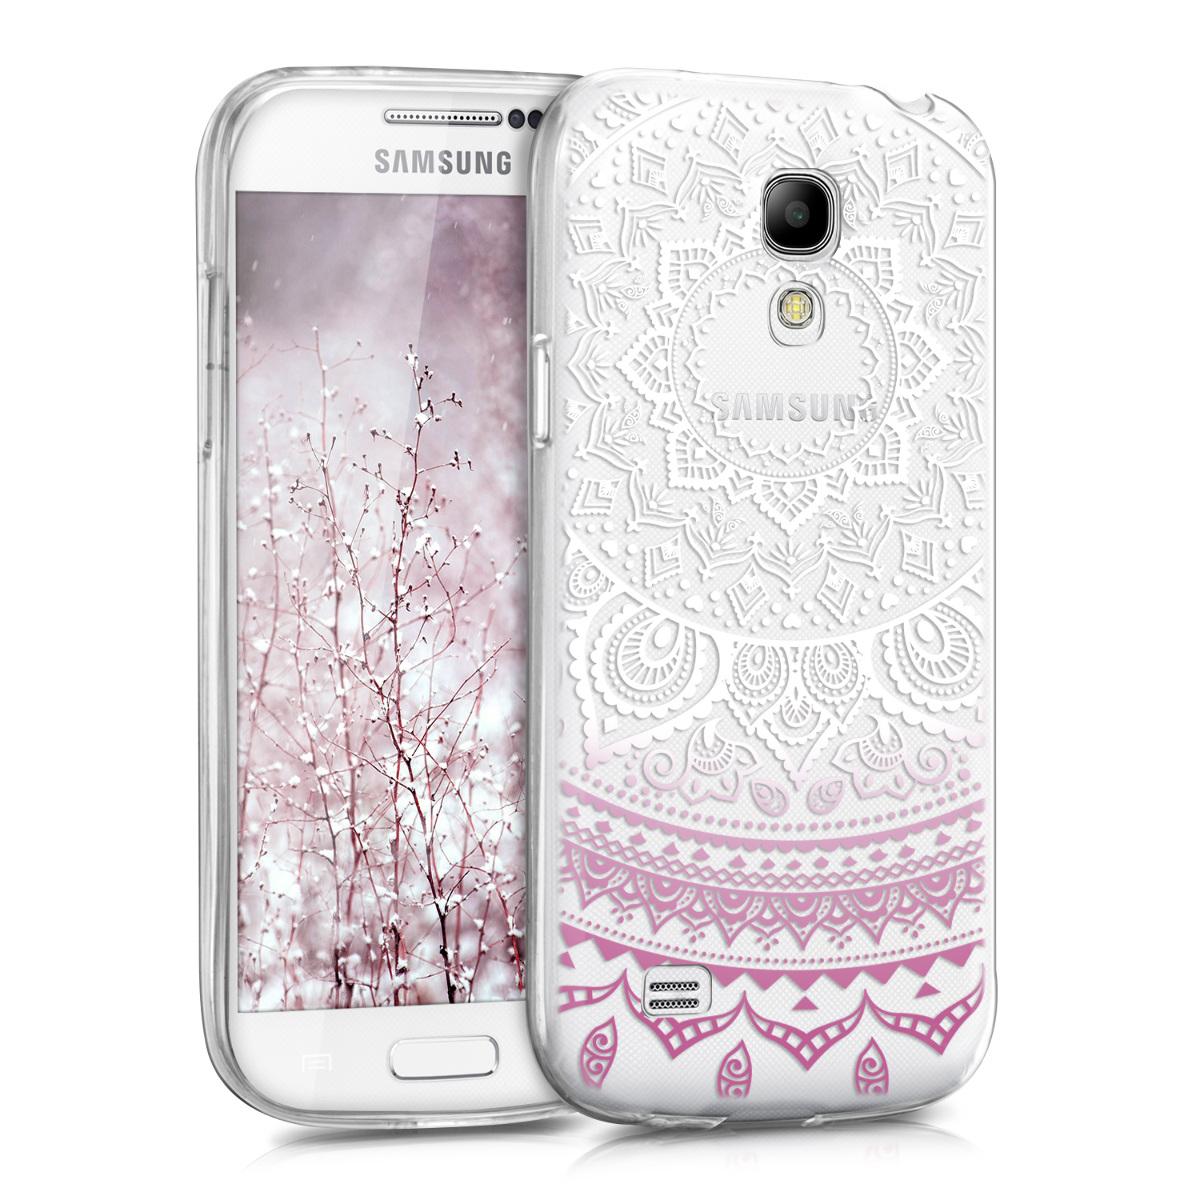 Kvalitní silikonové TPU pouzdro pro Samsung S4 Mini - indické slunce fialové / bílé / transparentní